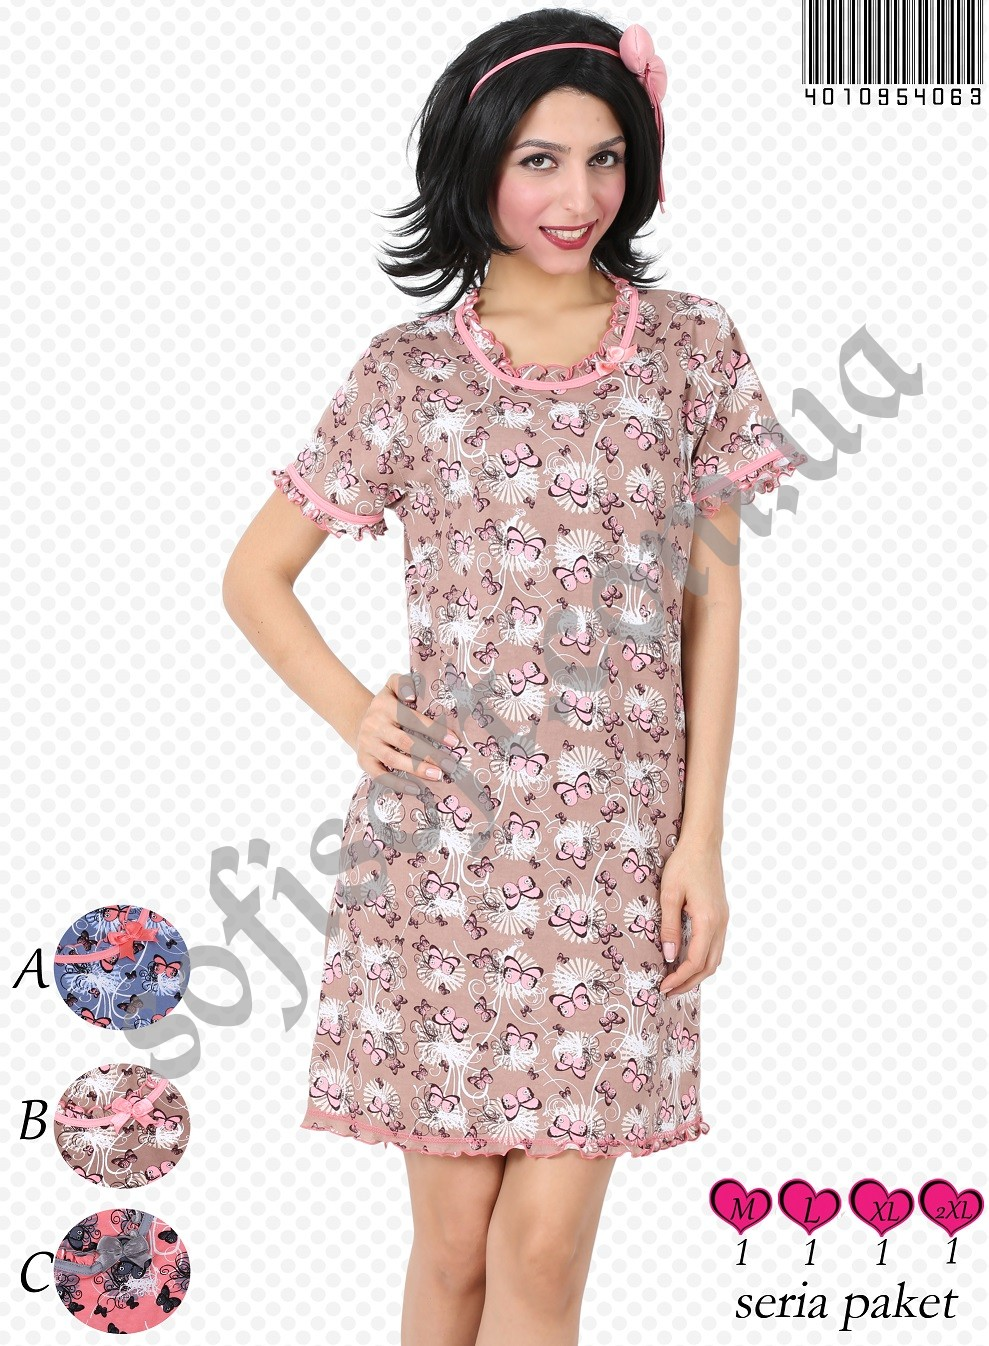 брендовая одежда для мальчиков интернет магазин